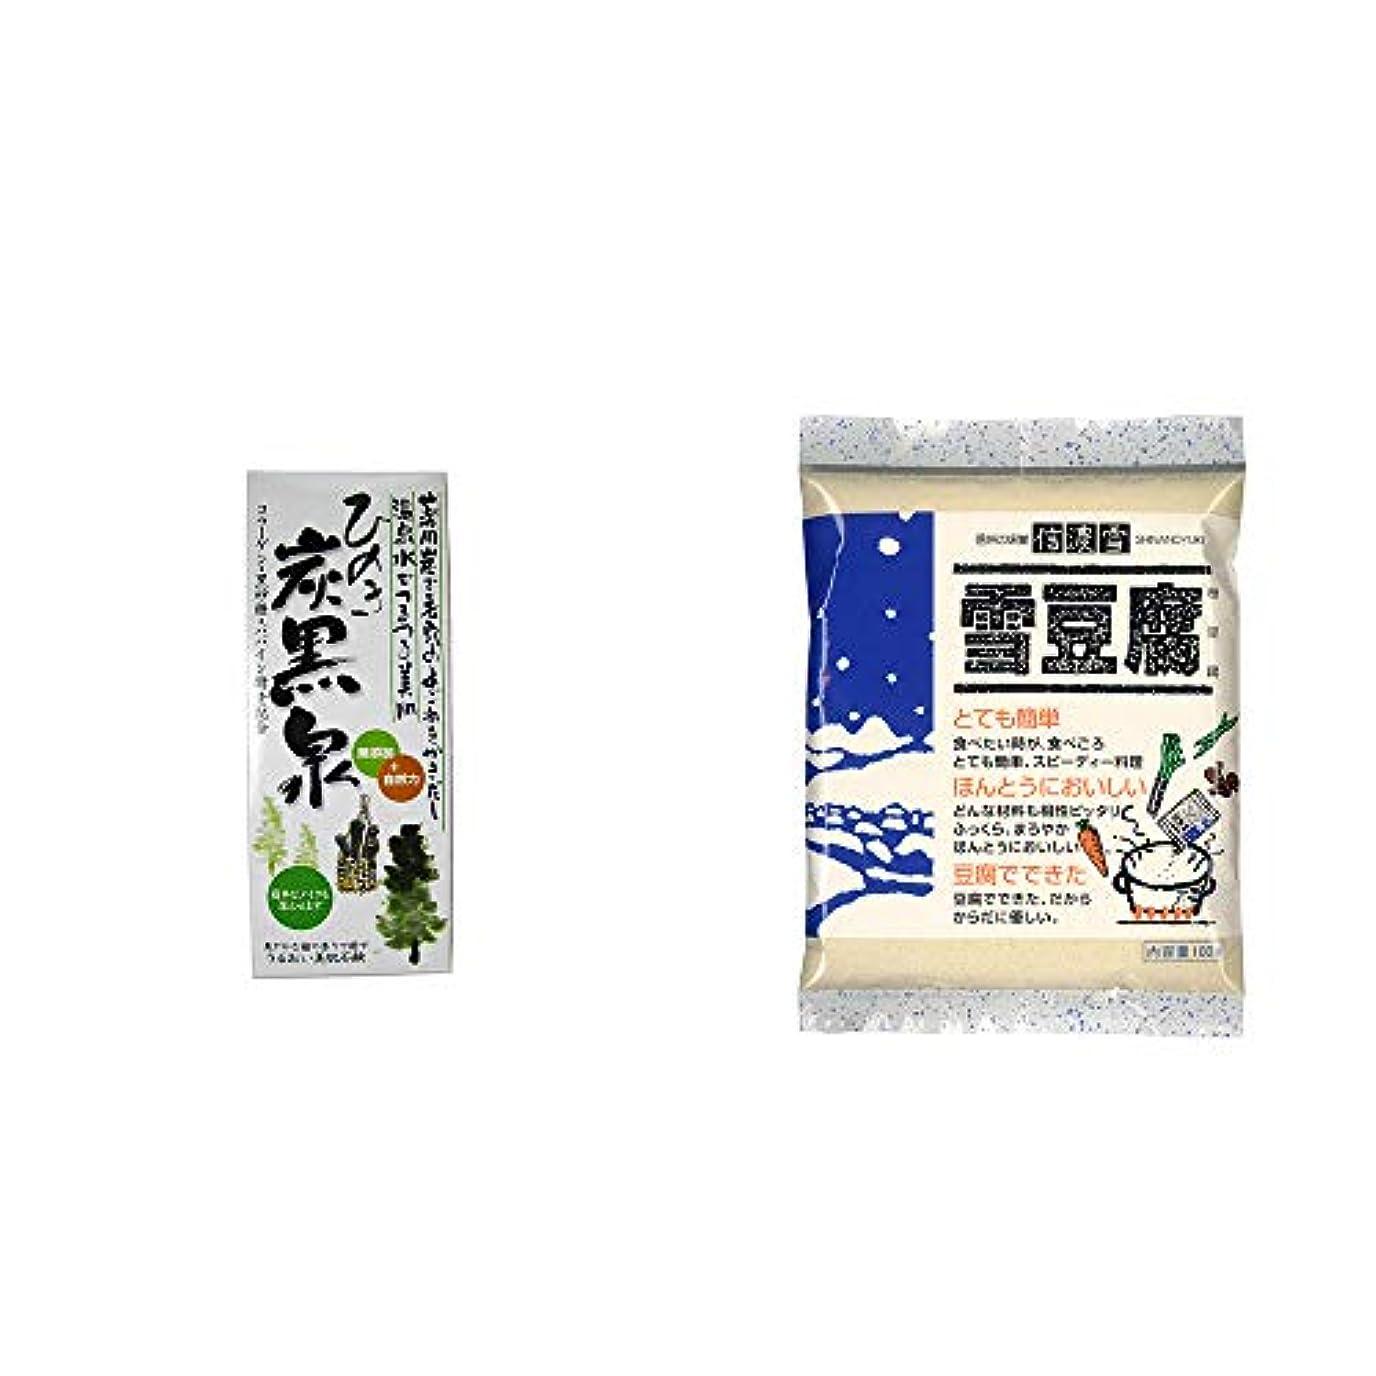 物語農奴支援[2点セット] ひのき炭黒泉 箱入り(75g×3)?信濃雪 雪豆腐(粉豆腐)(100g)